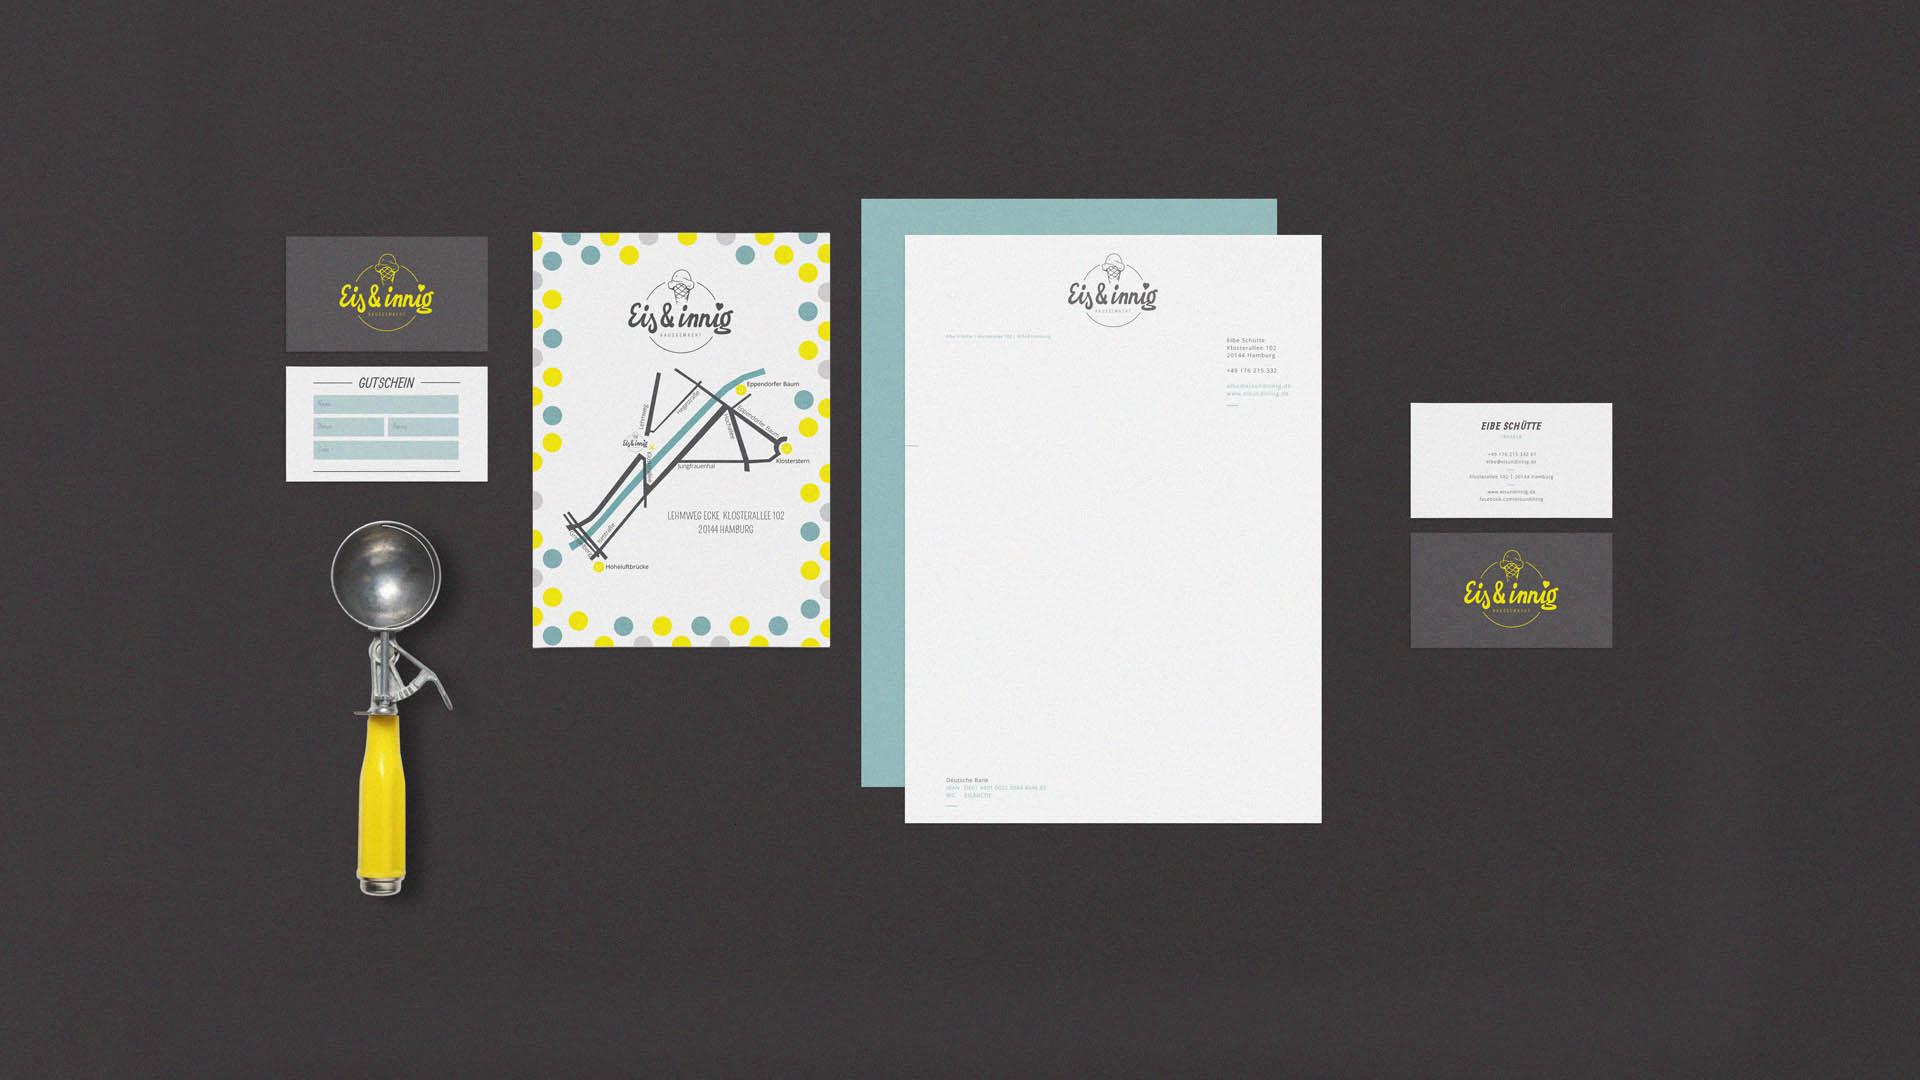 Eis & innig Brand Design Geschäftsausstattung komplett